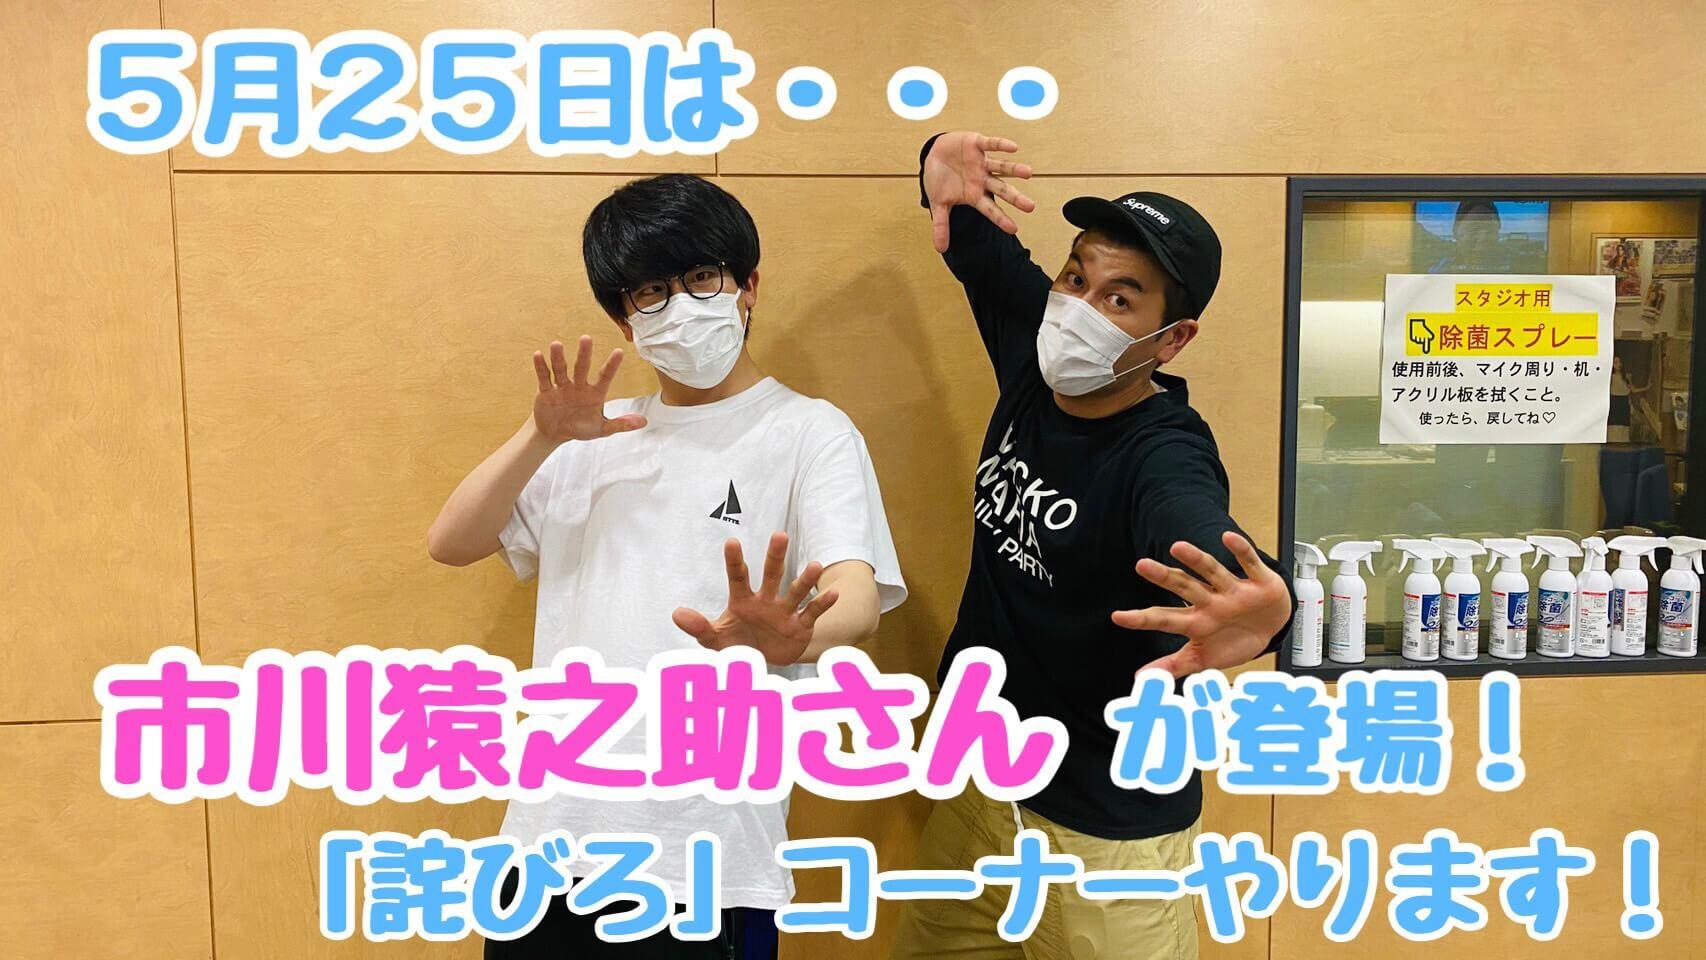 5月25日は…ゲストに市川猿之助さんが登場!! 「詫びろ」コーナーやっちゃいます!